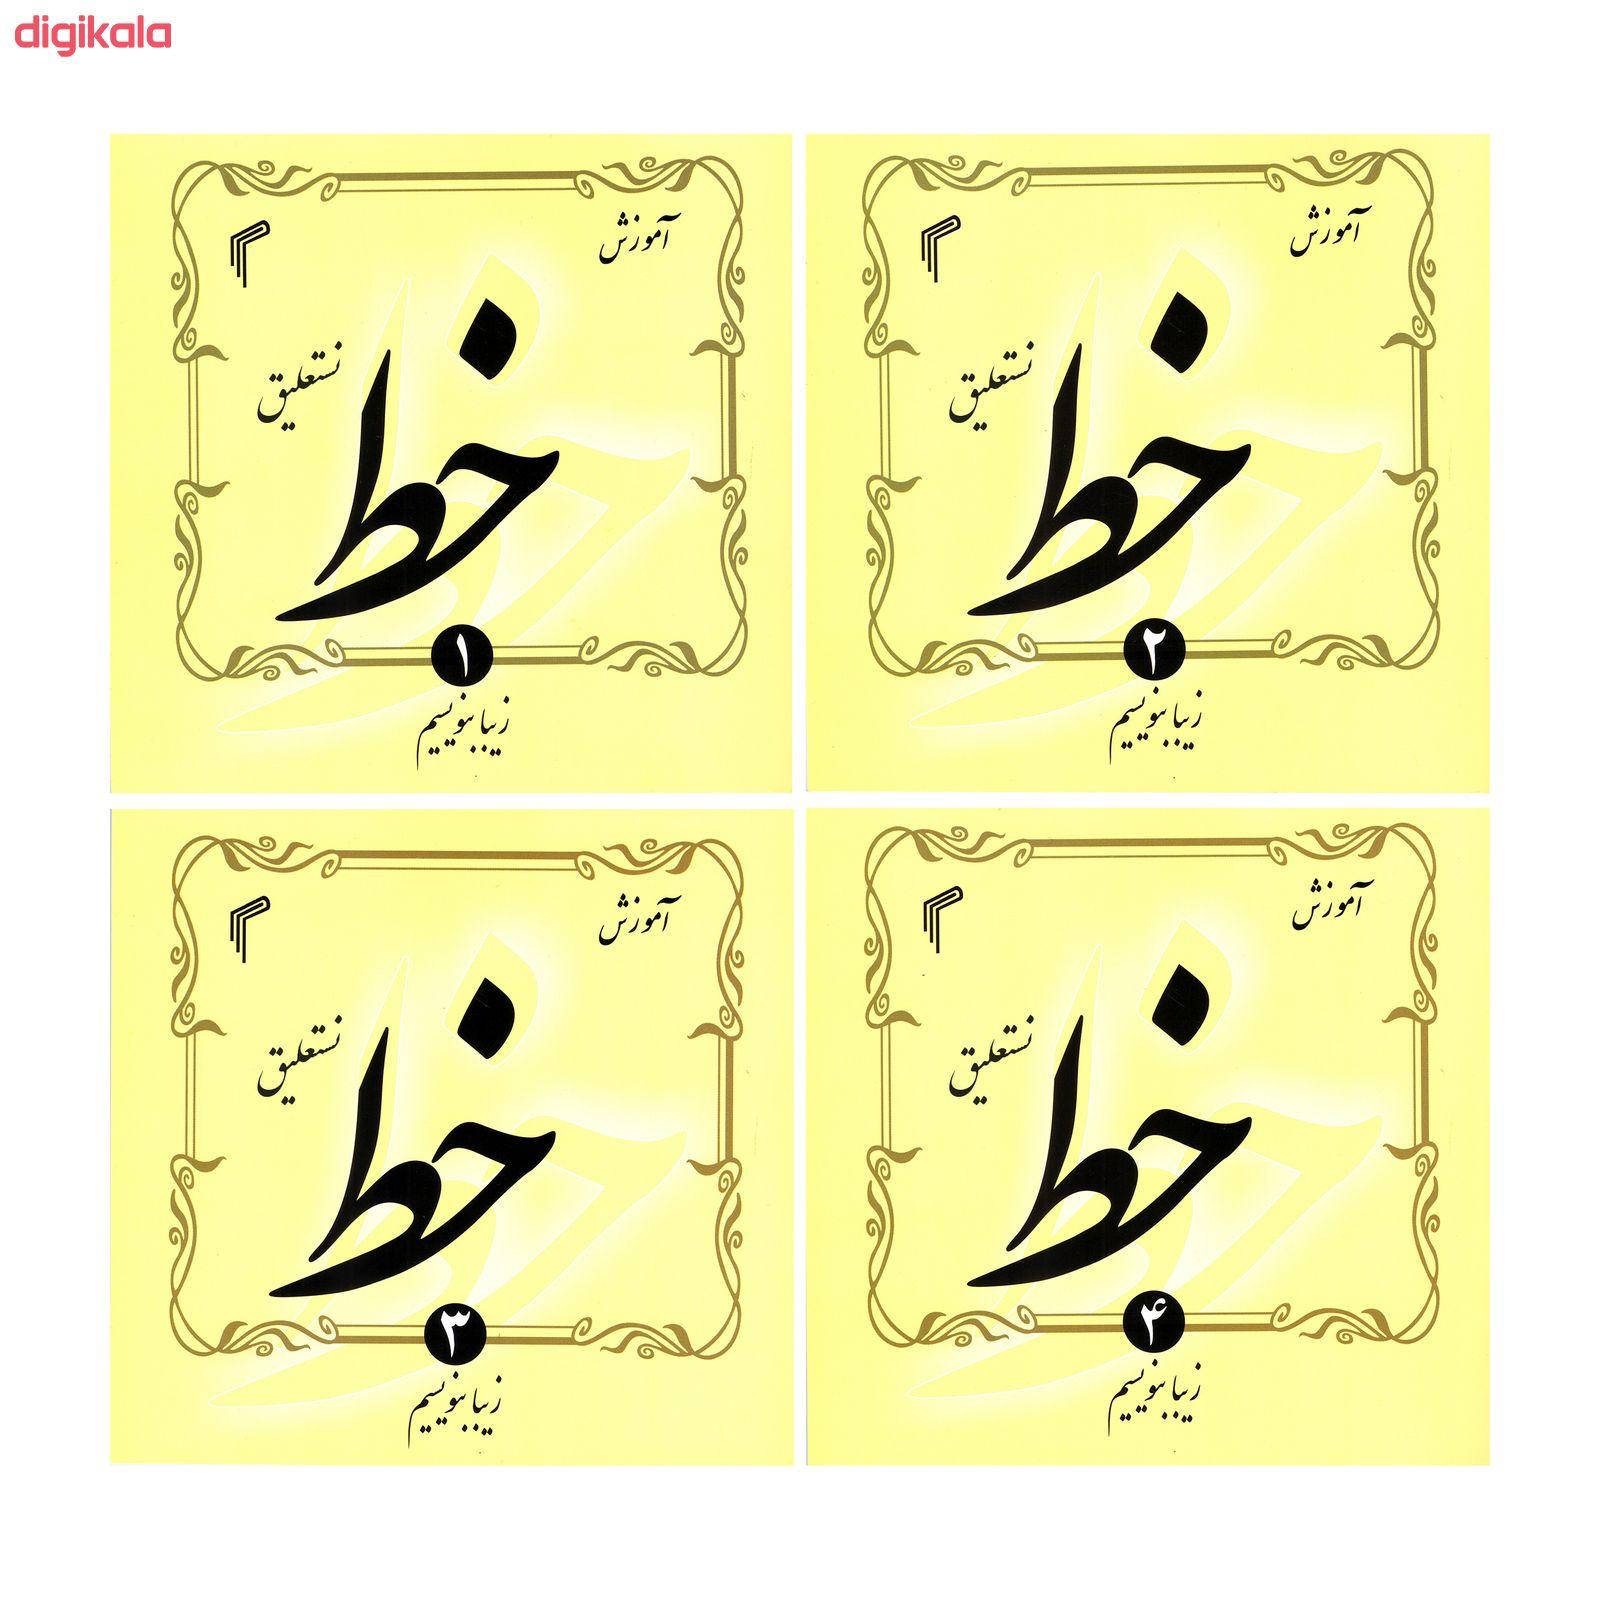 کتاب آموزش خط نستعلیق اثر حجت الله اسدی نشر تیموری 4 جلدی main 1 1